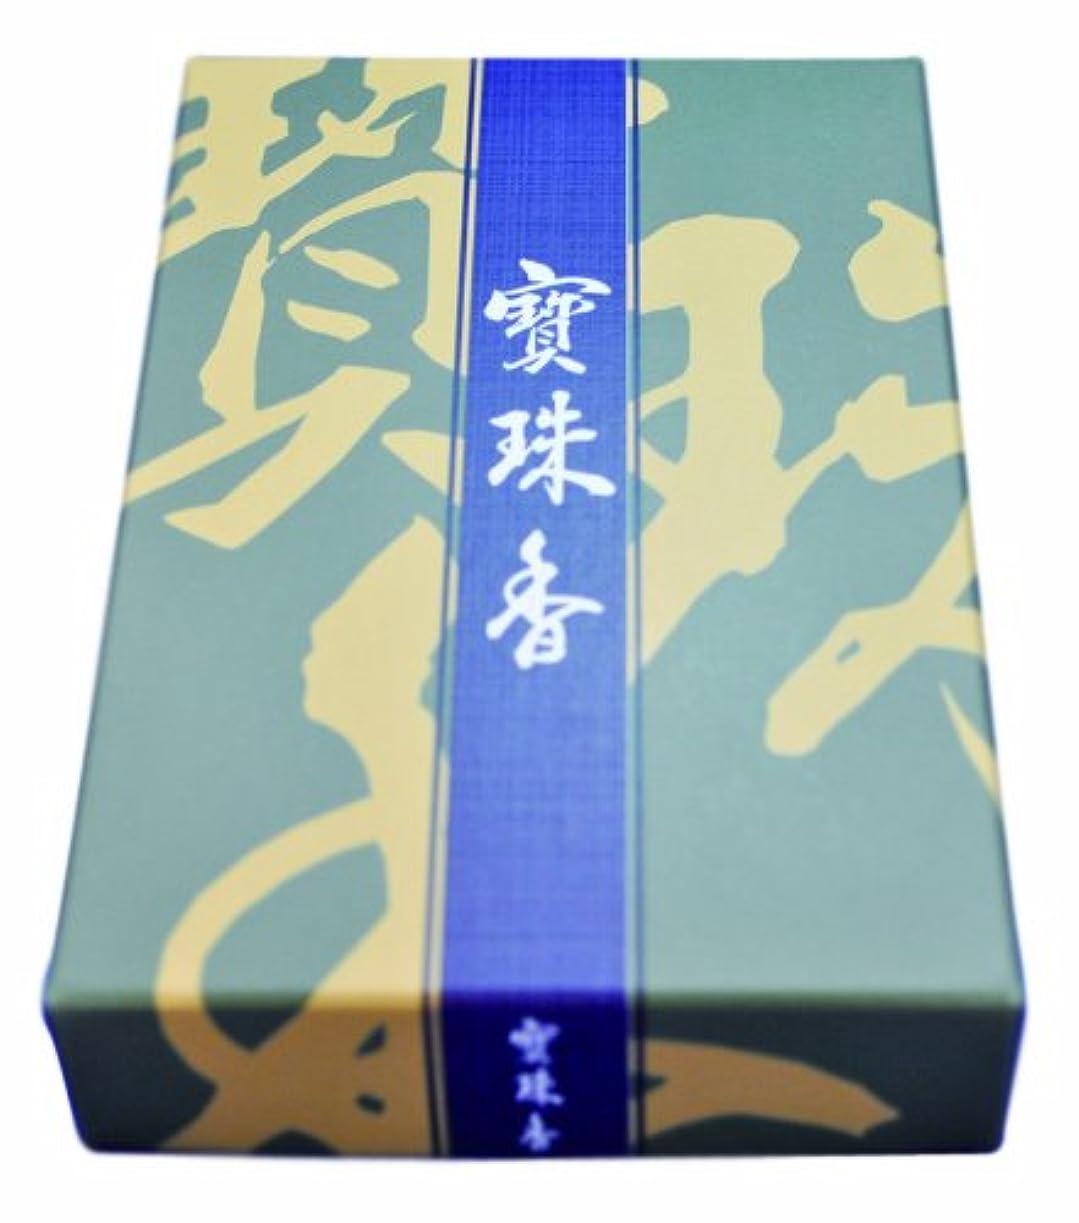 宇宙の通り抜ける文句を言うお線香 寳珠香 短寸バラ詰 約42g シャム沈香の香り